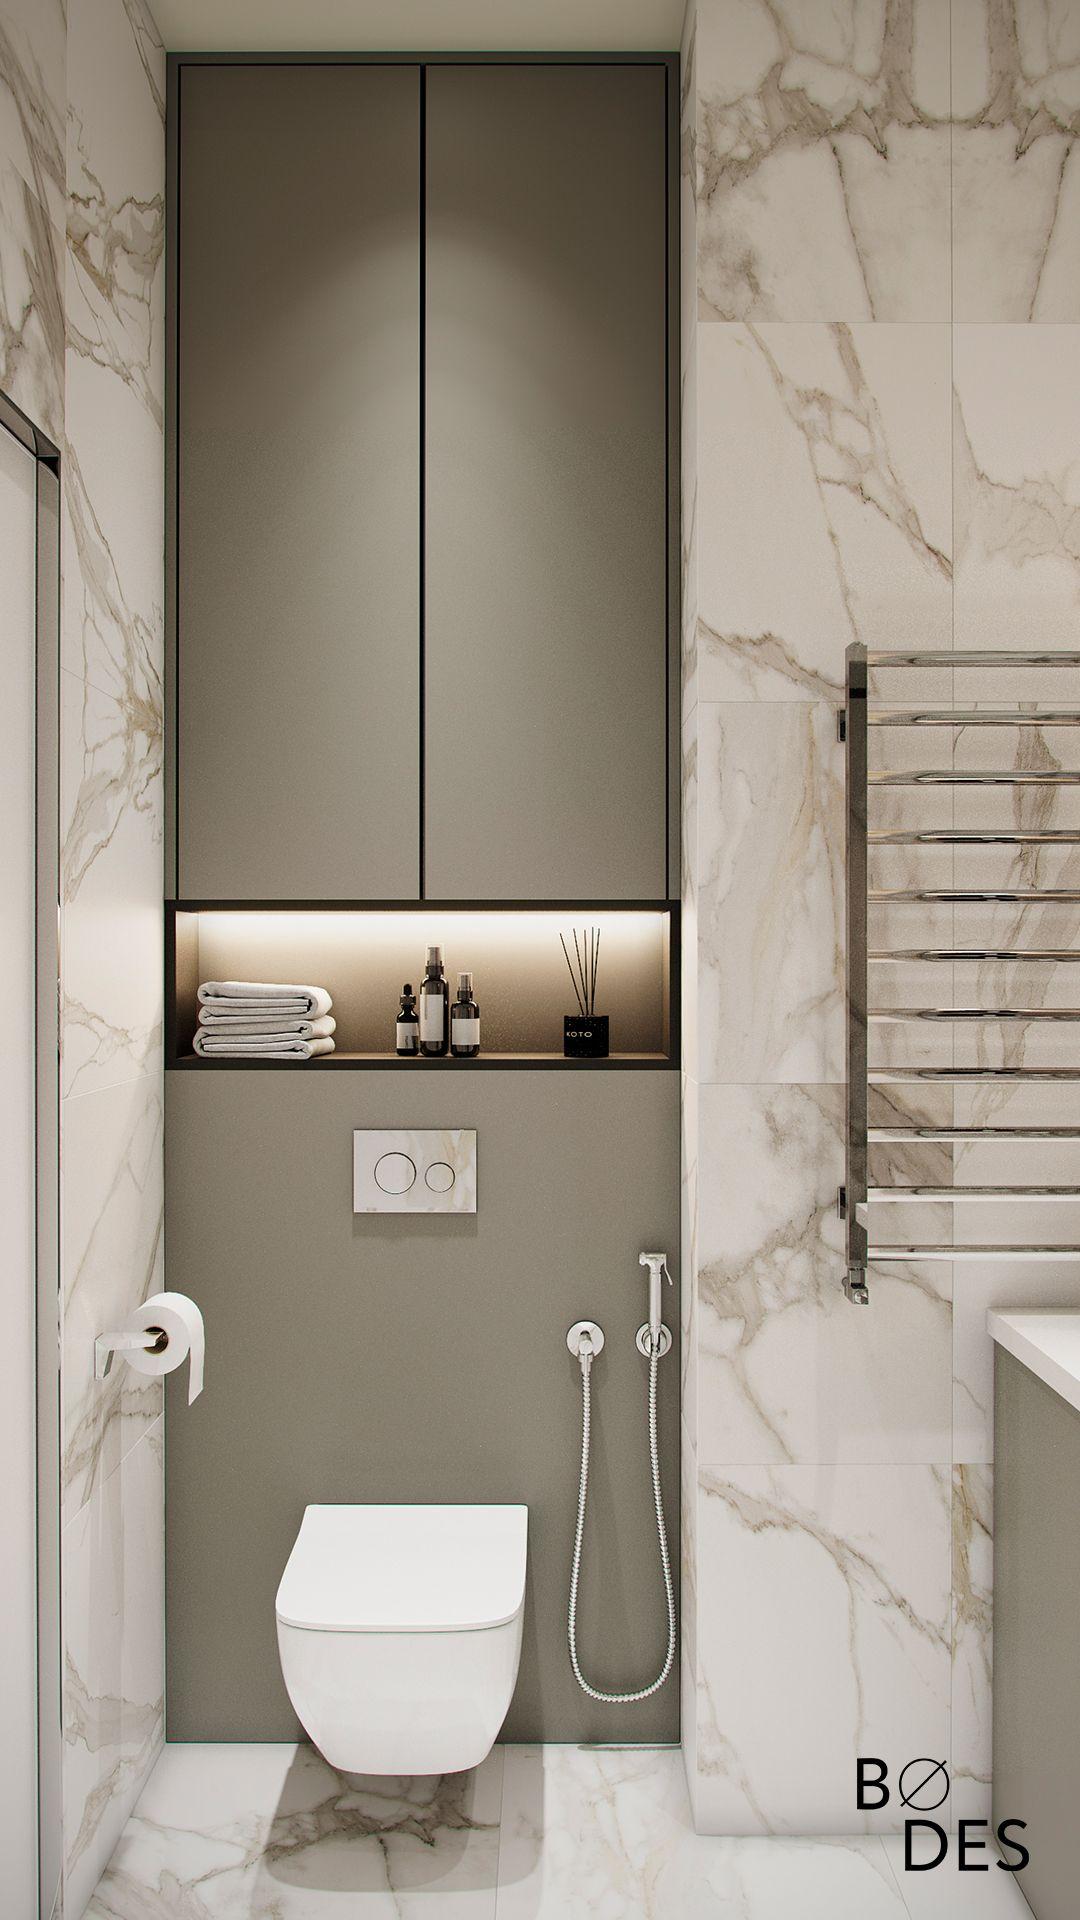 Ideas for interior design. Design trends 2020